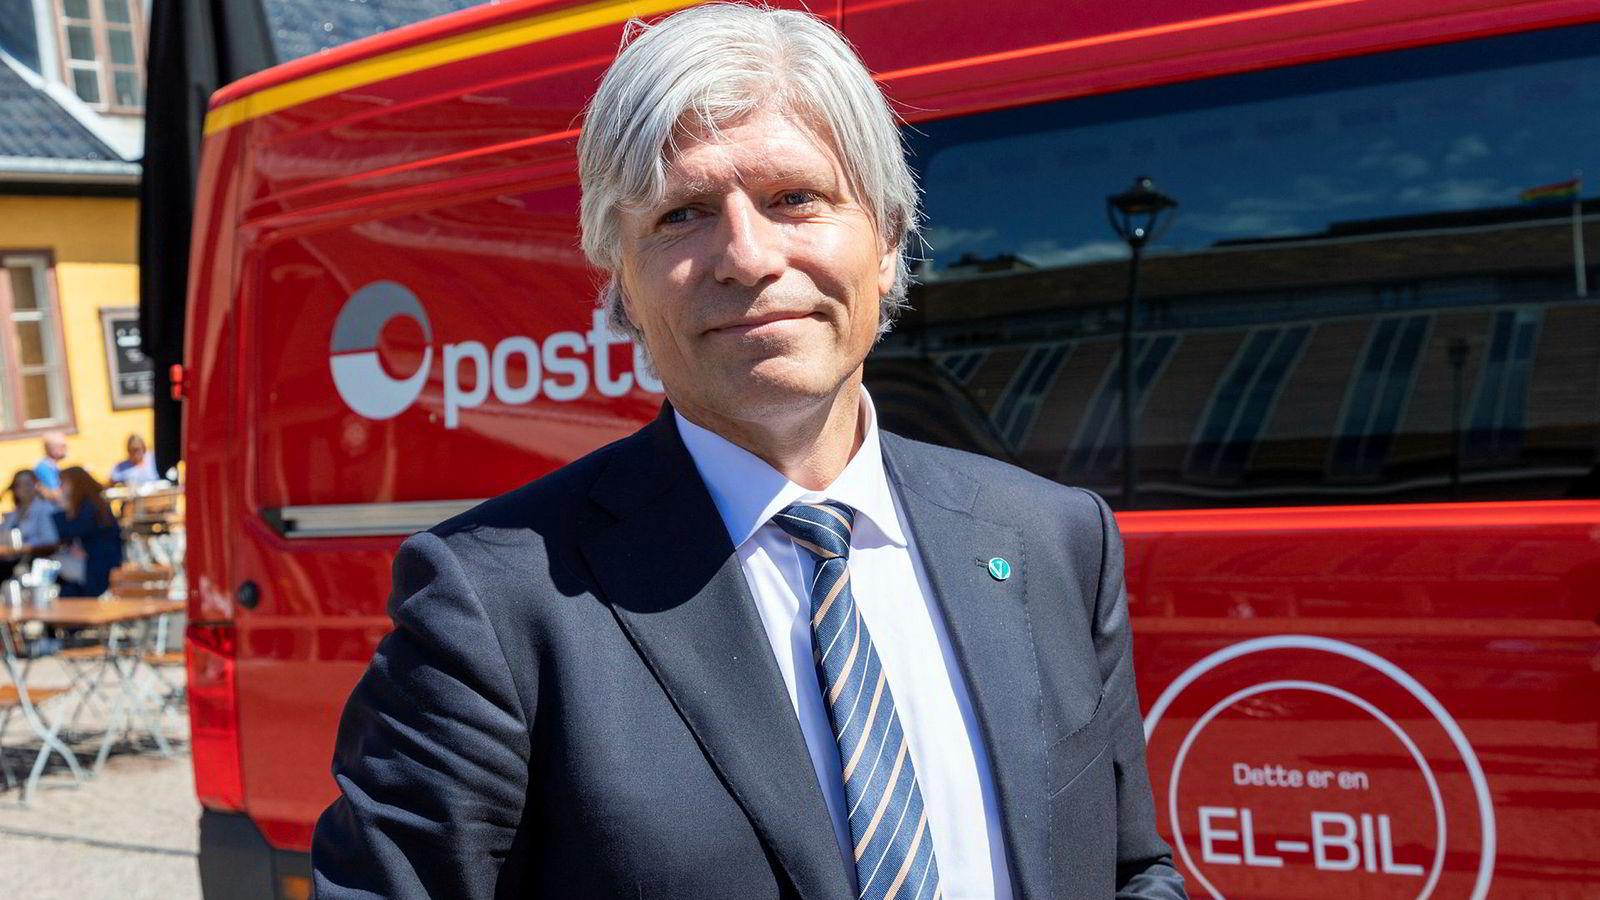 Klima- og miljøminister Ola Elvestuen ved en av Postens elektriske varebiler. Han har tro på at klimamålene kan nås.